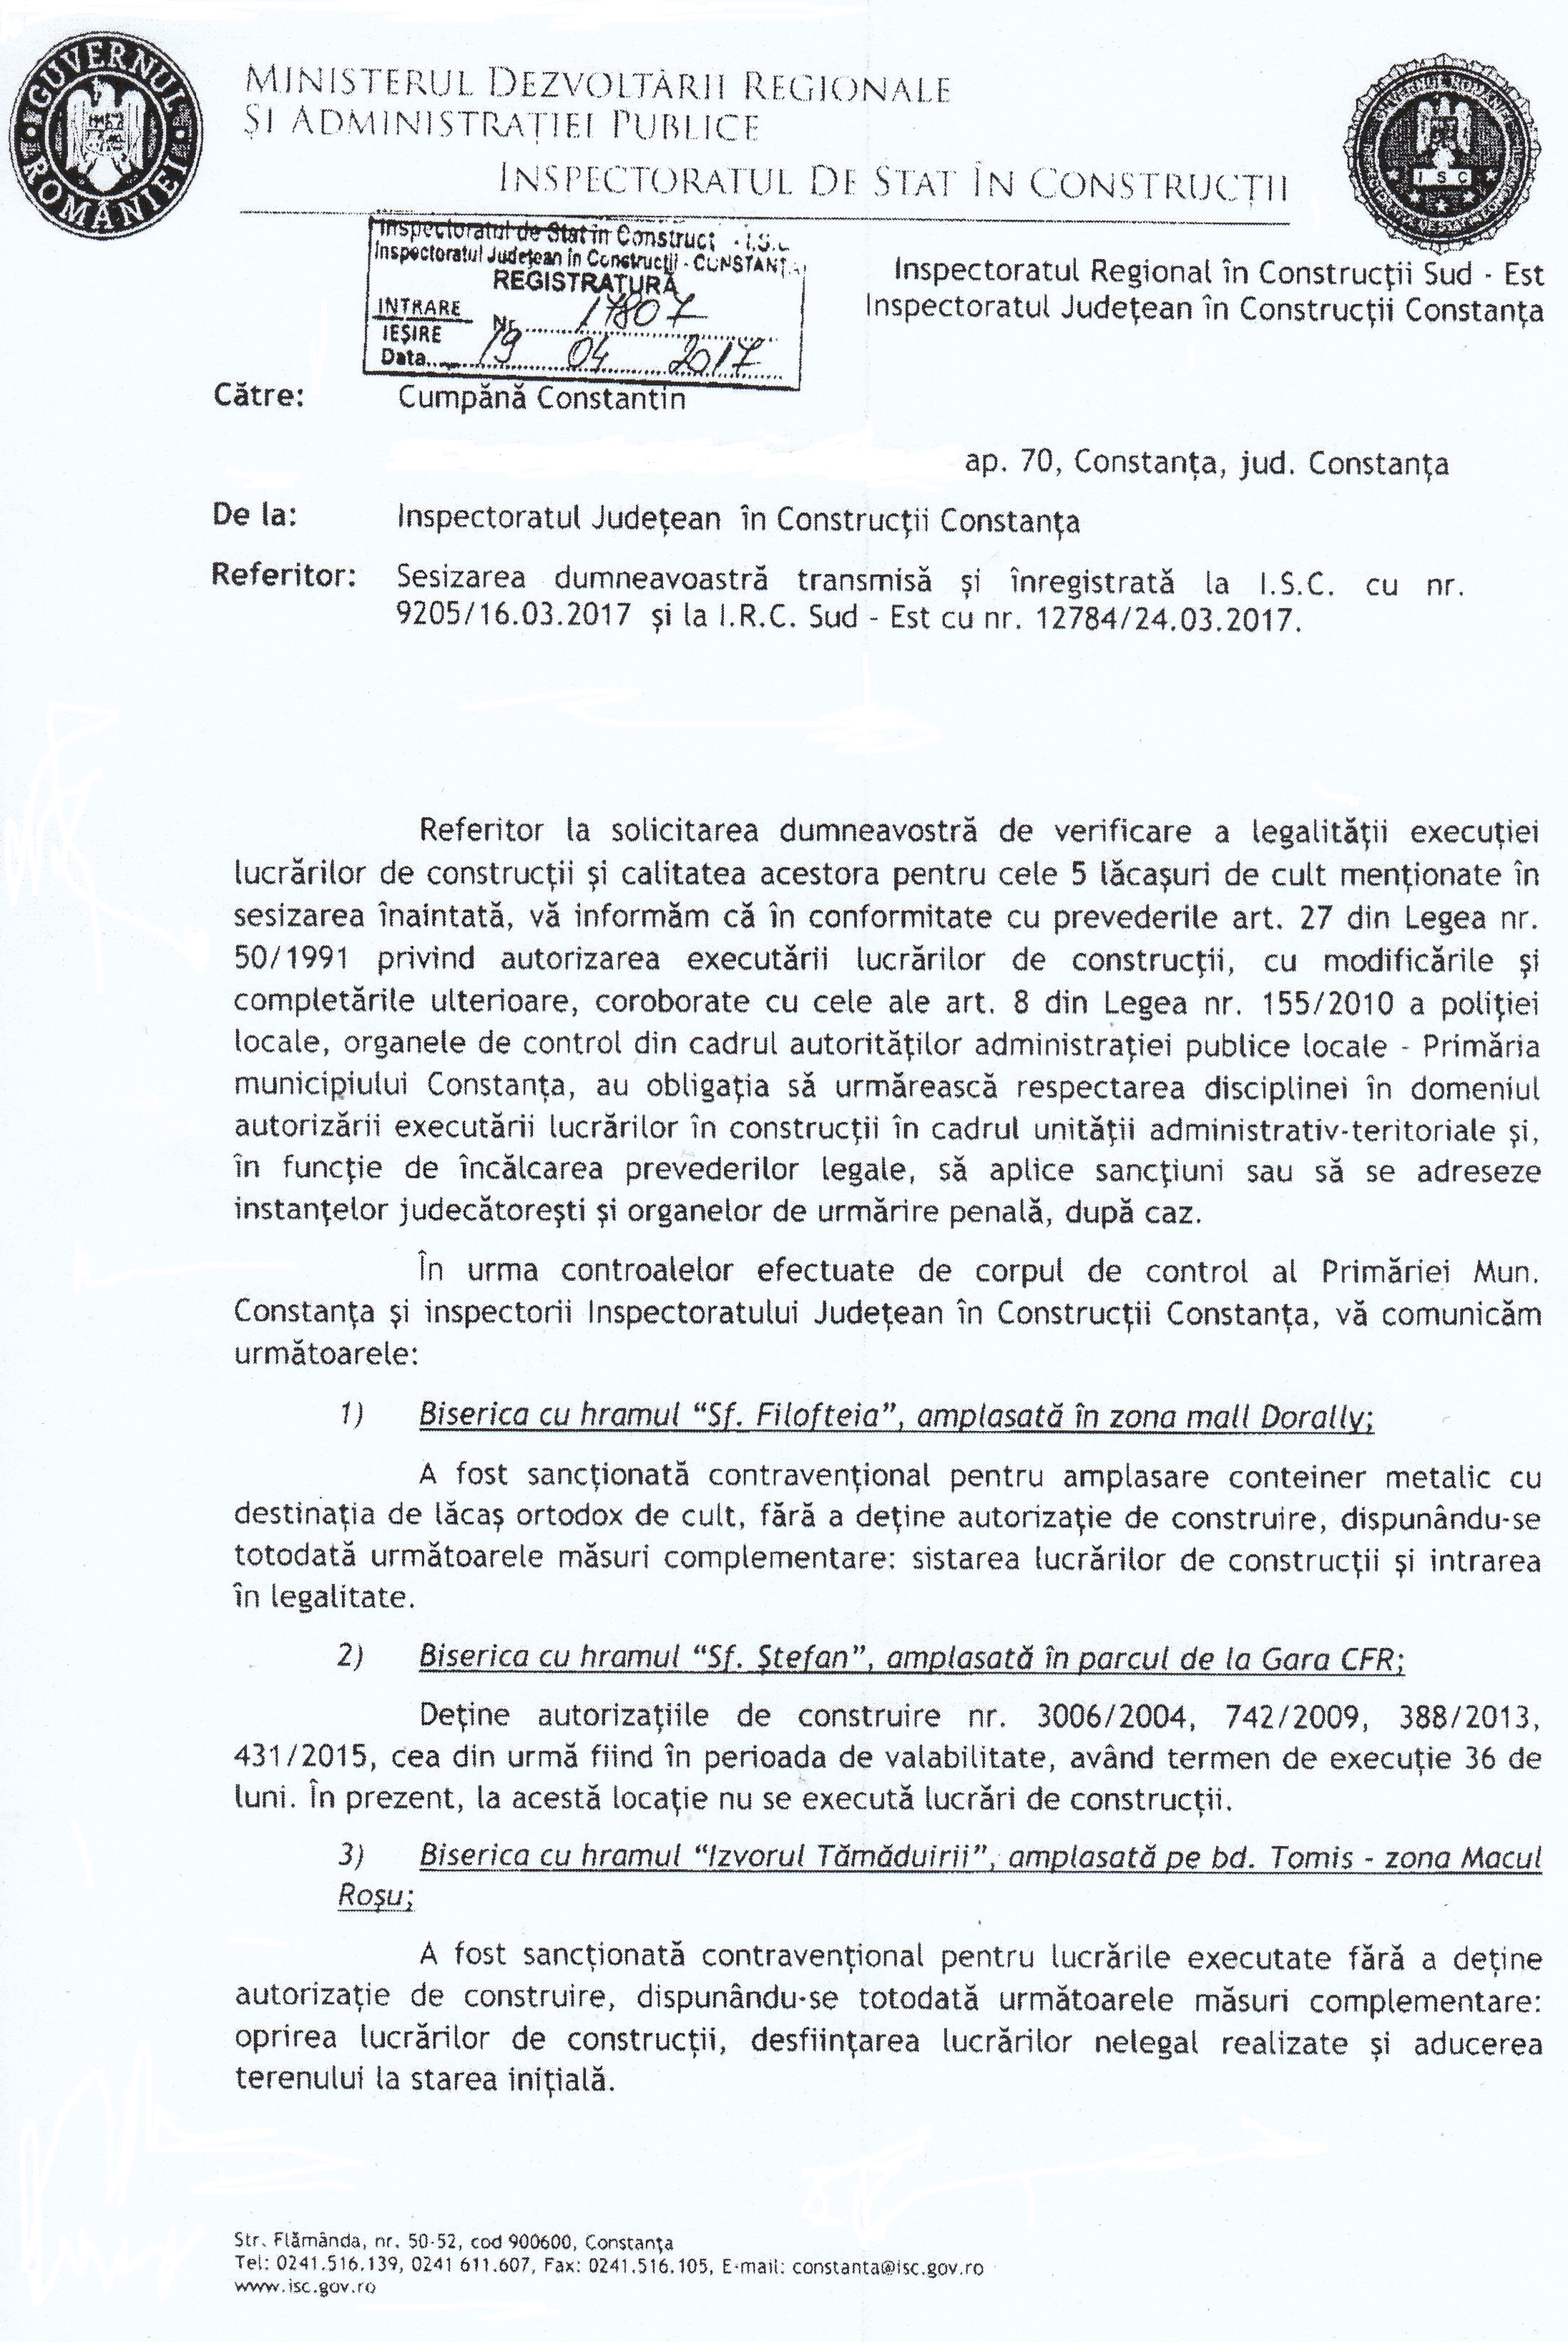 Răspunsul primit de la Inspectoratul Județean în Construcții Constanța, referitor la controalele efectuate la unele biserici, precum și sancțiunile aplicate.